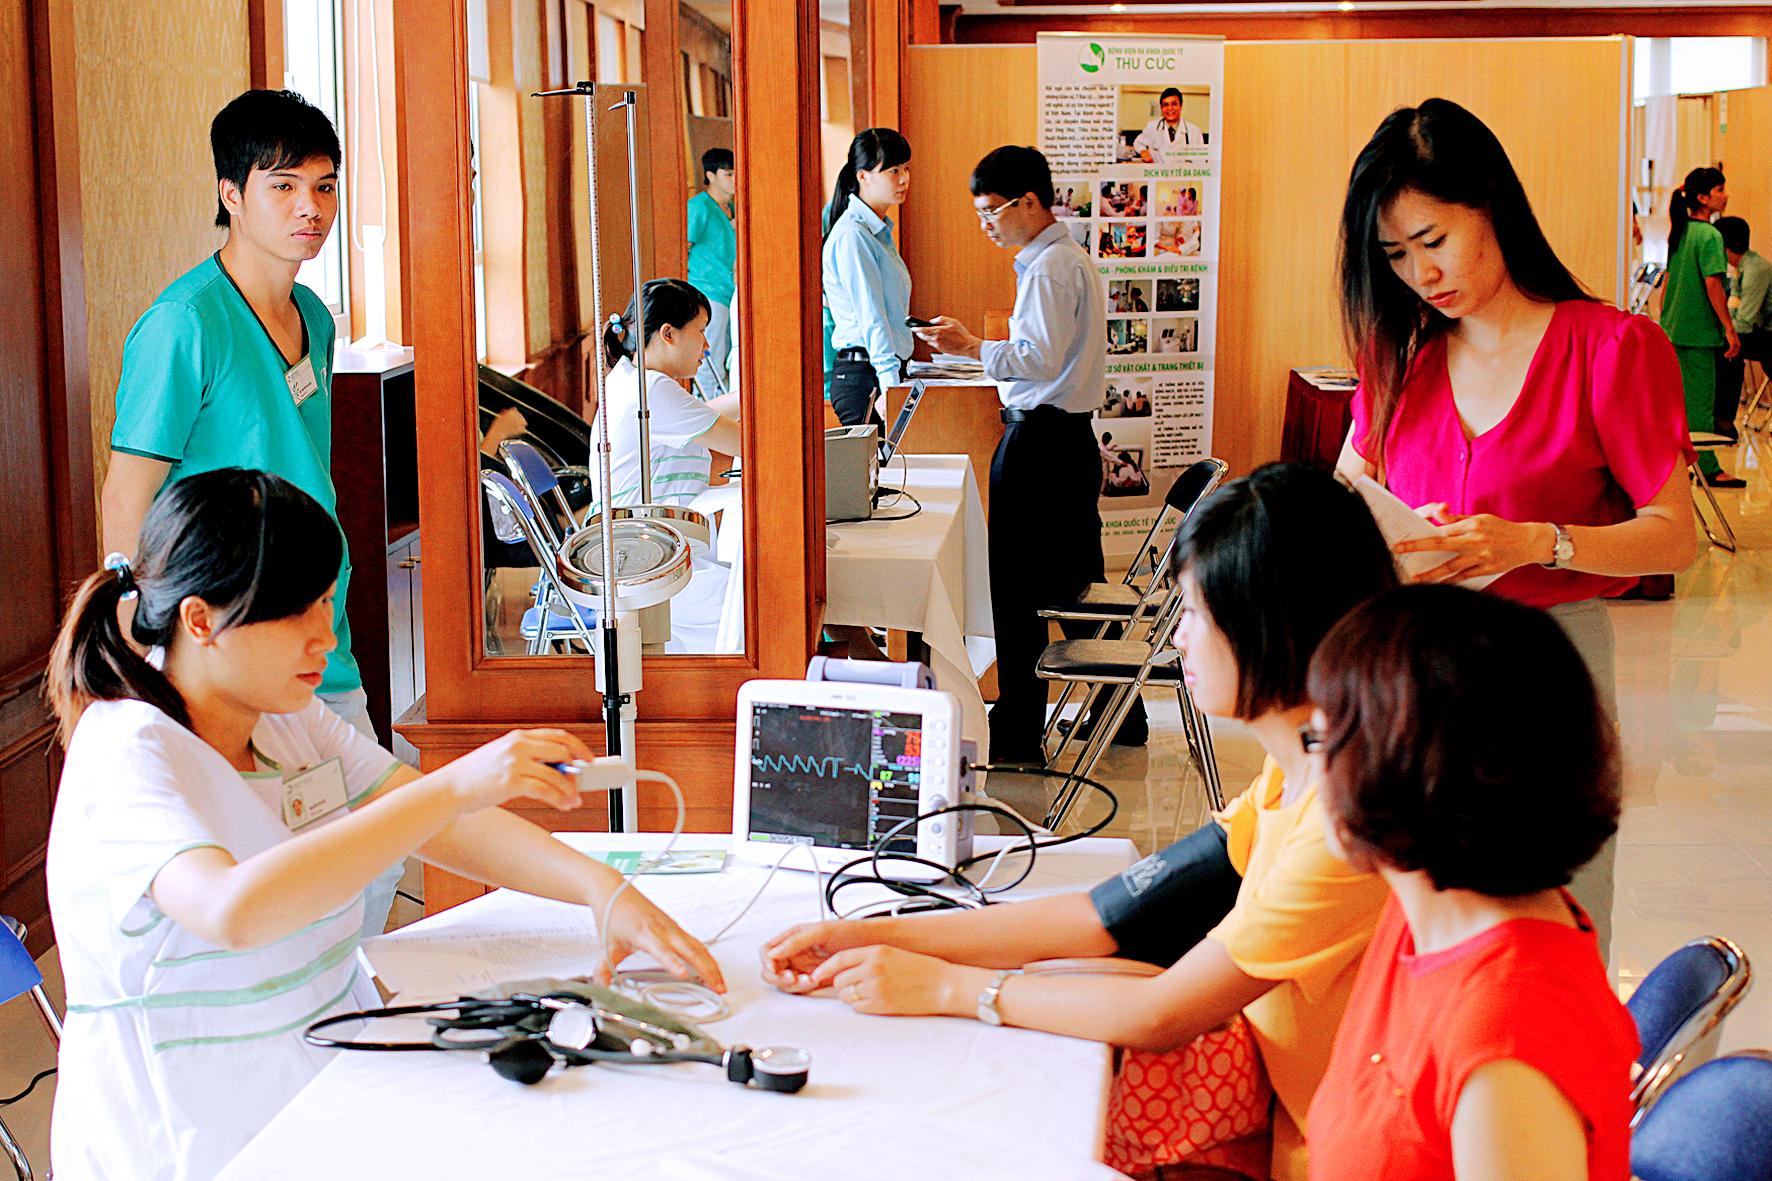 Yêu cầu và điều kiện sức khỏe đi Nhật mới nhất năm 2017